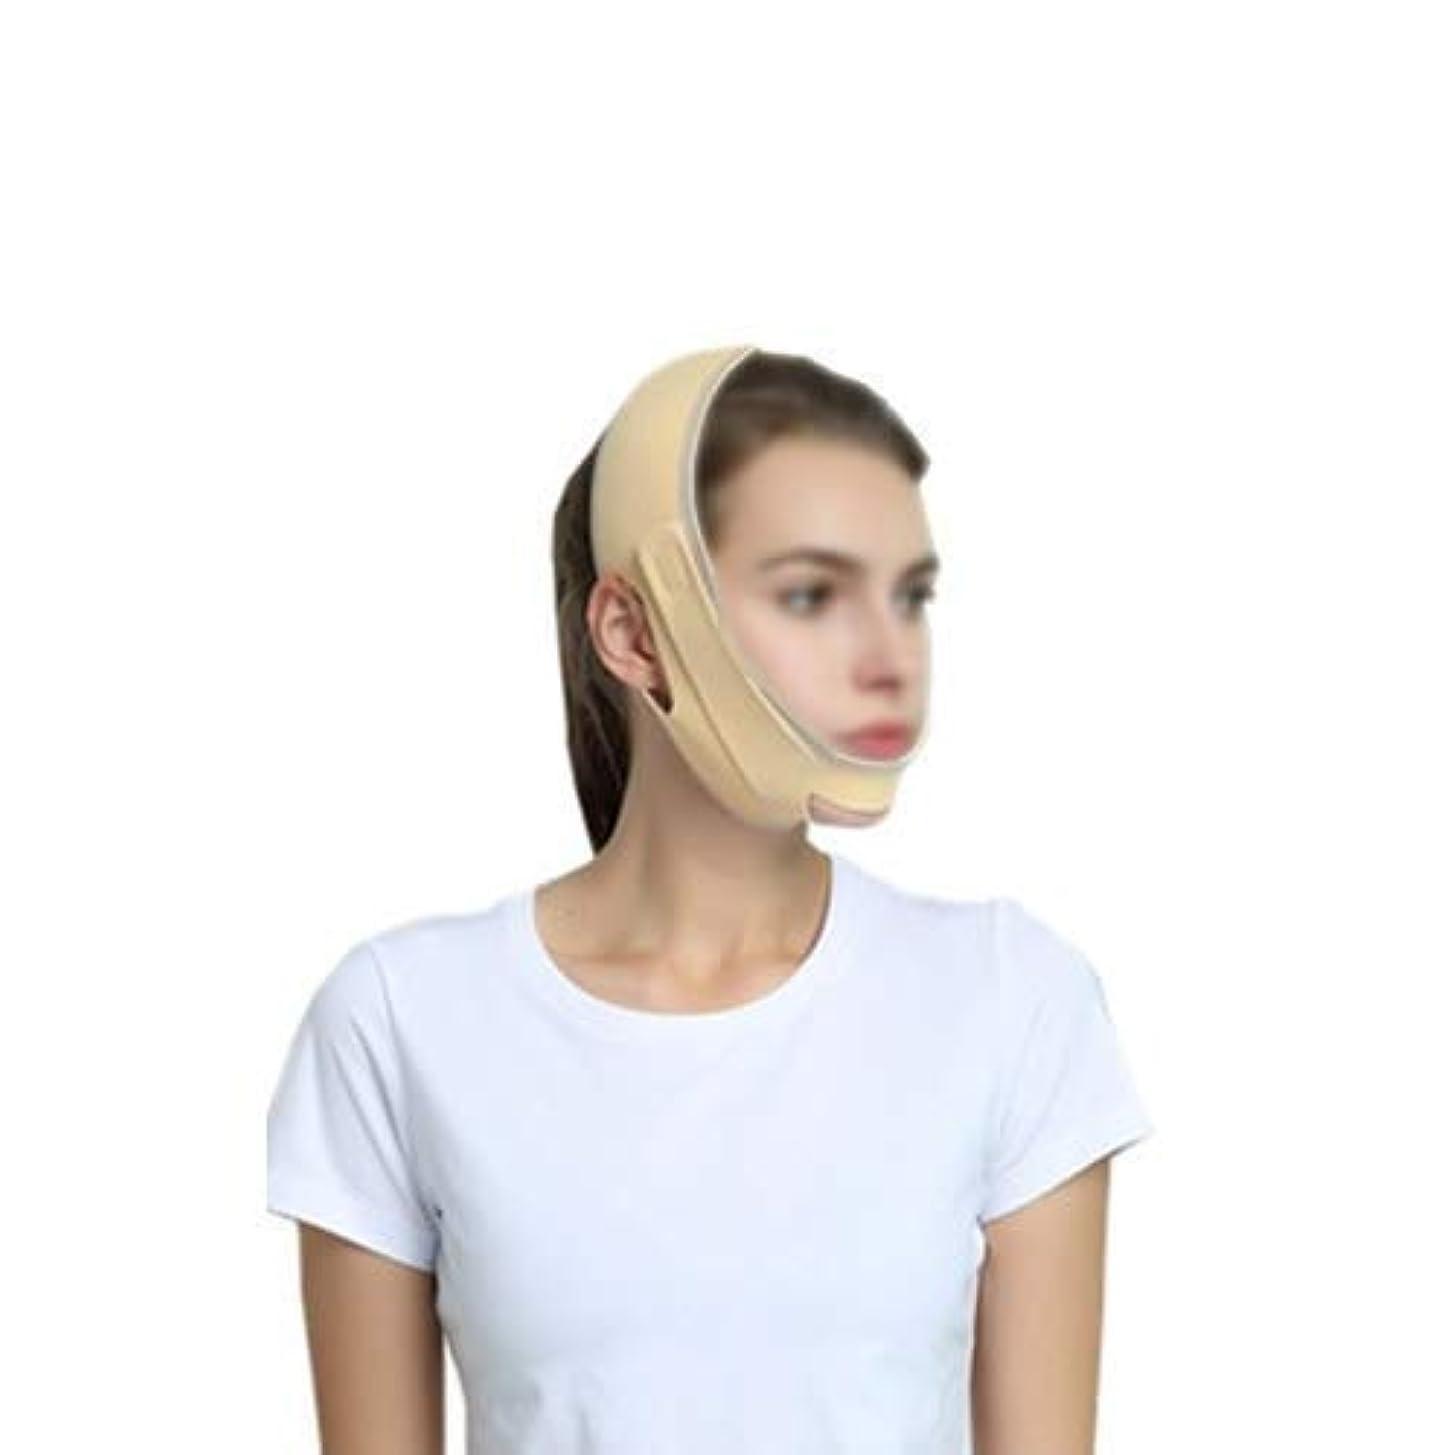 そうエラー永遠のフェイスリフトマスクフェイスアンドネックリフトポストエラスティックスリーブ下顎骨セットフェイスアーティファクトVフェイスフェイシャルフェイスバンドルダブルチンマスクブラックフェイスアーティファク(色:A)